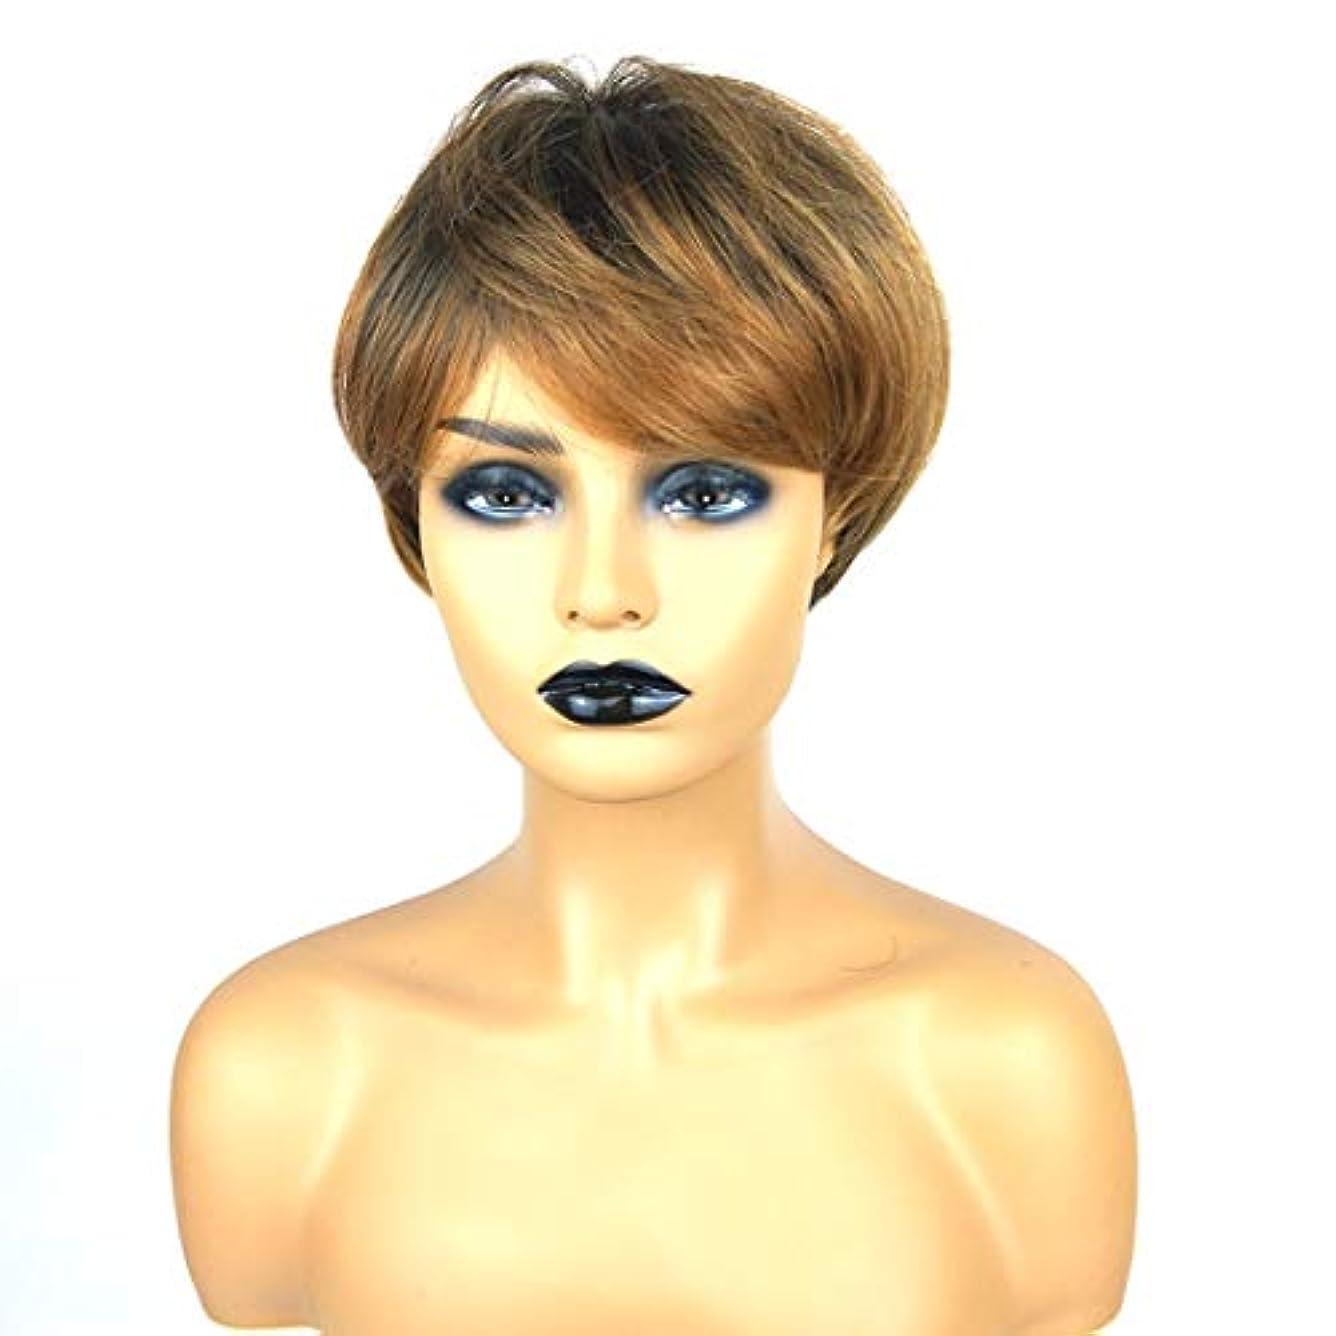 換気するセットする製造Summerys ショートボブの髪の毛のかつら本物の髪として自然な女性のための合成かつらとストレートウィッグ